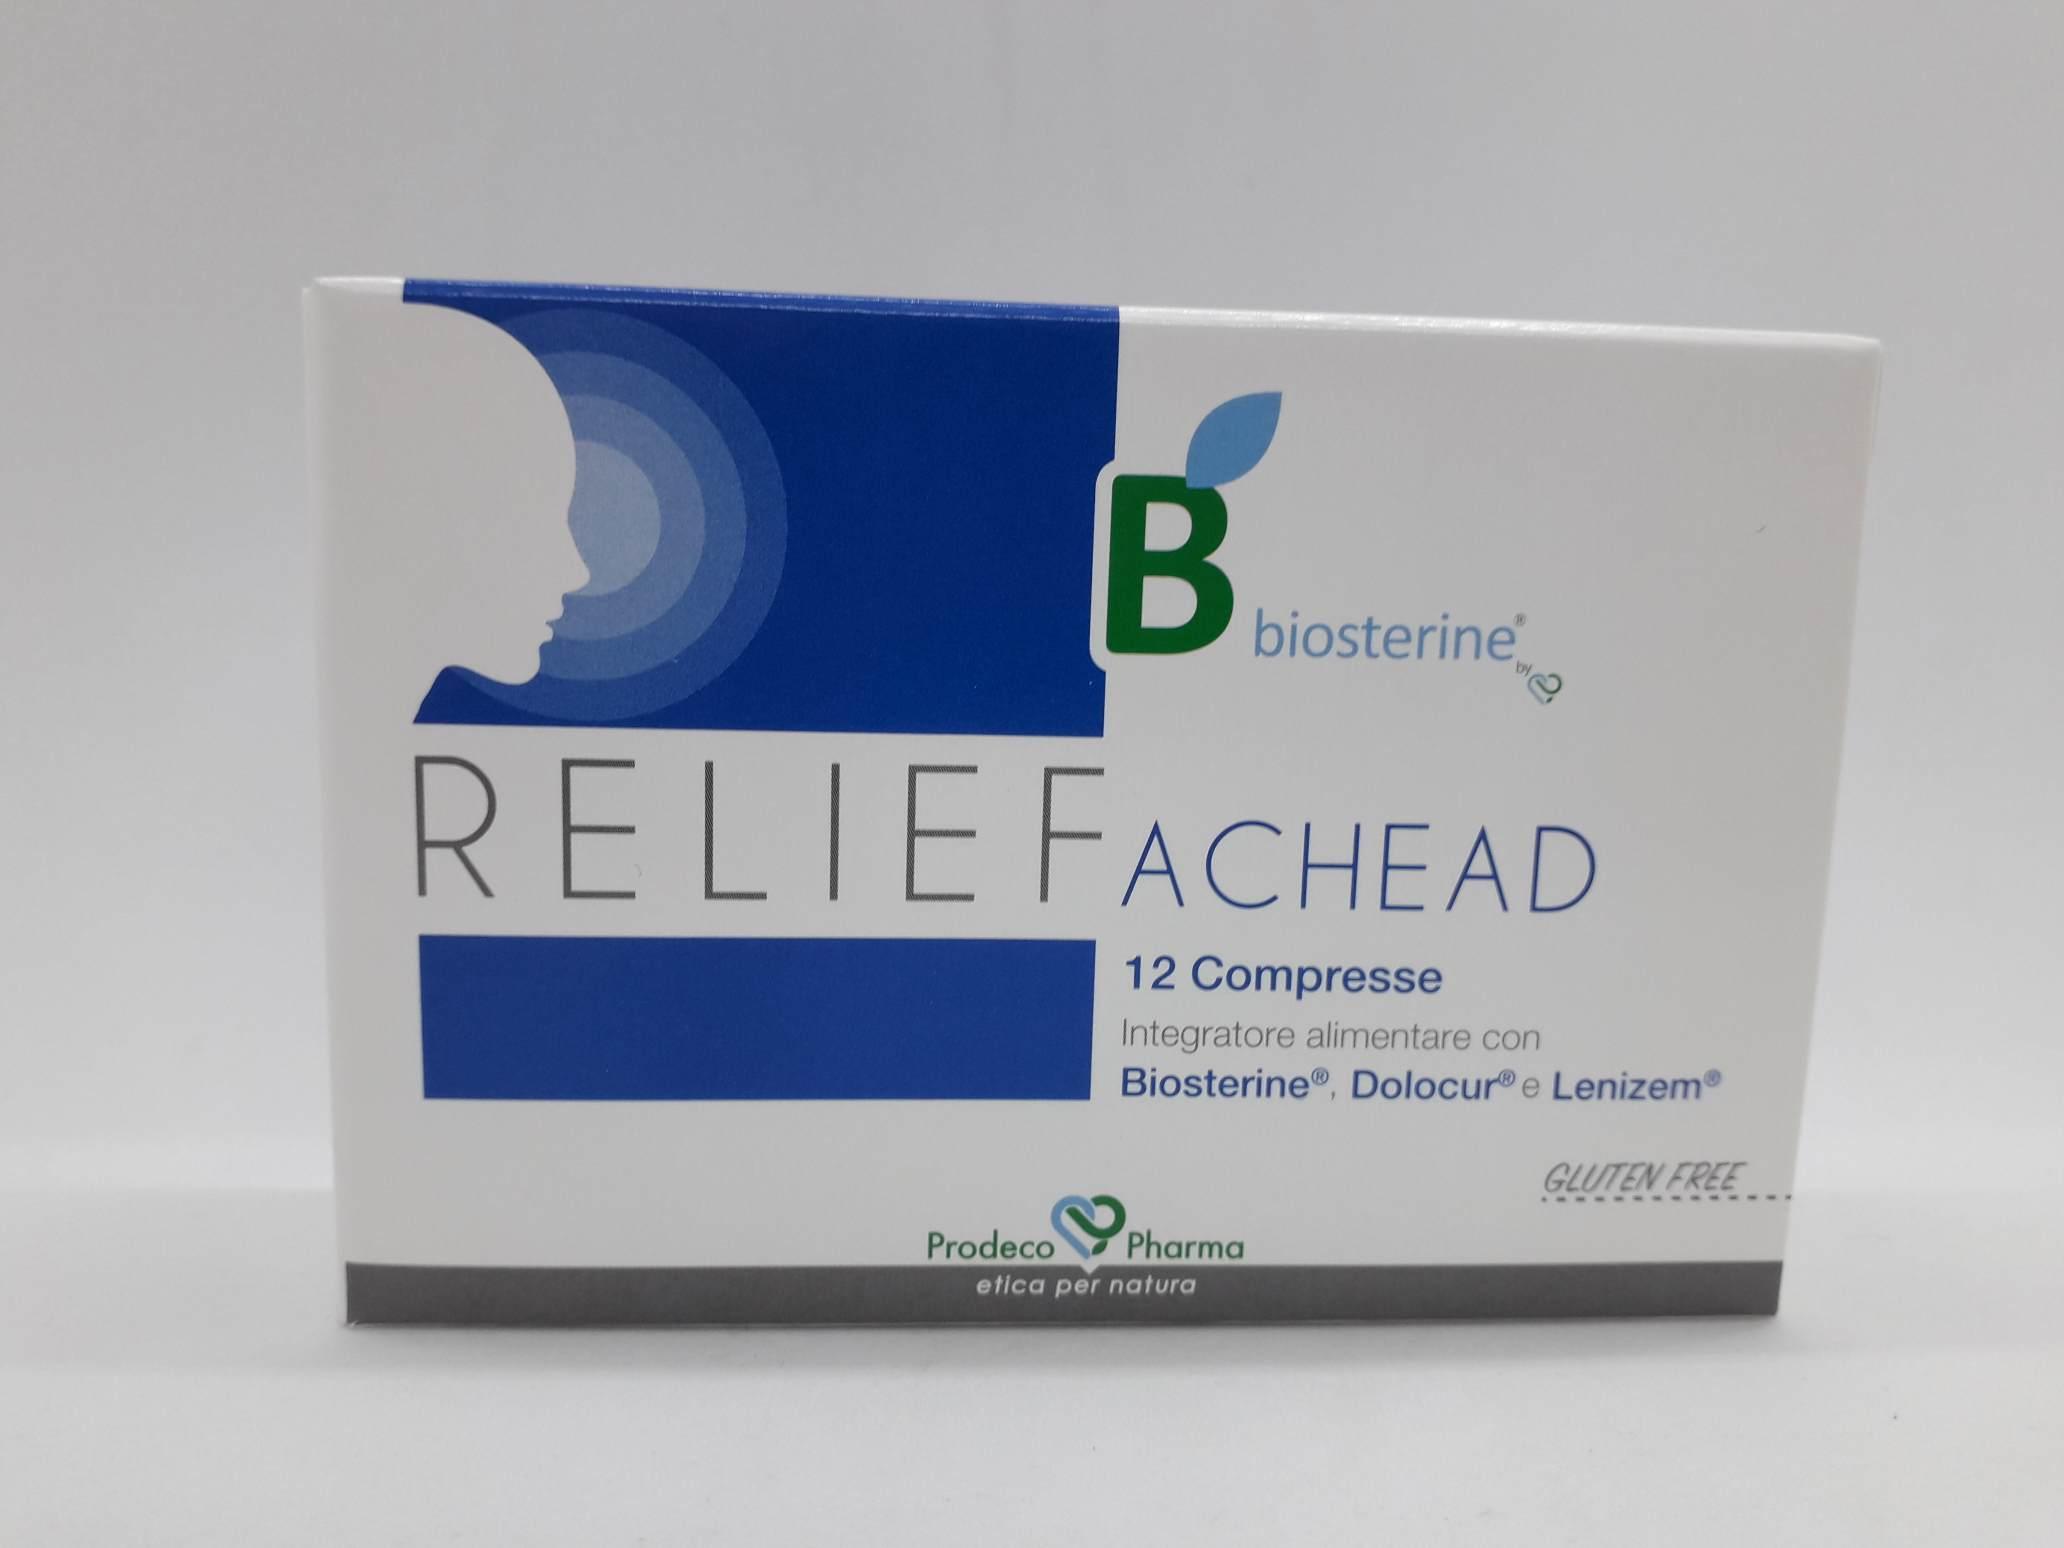 RELIEF BIOSTERINE ACHEAD 24 COMPRESSE - Farmaciaempatica.it